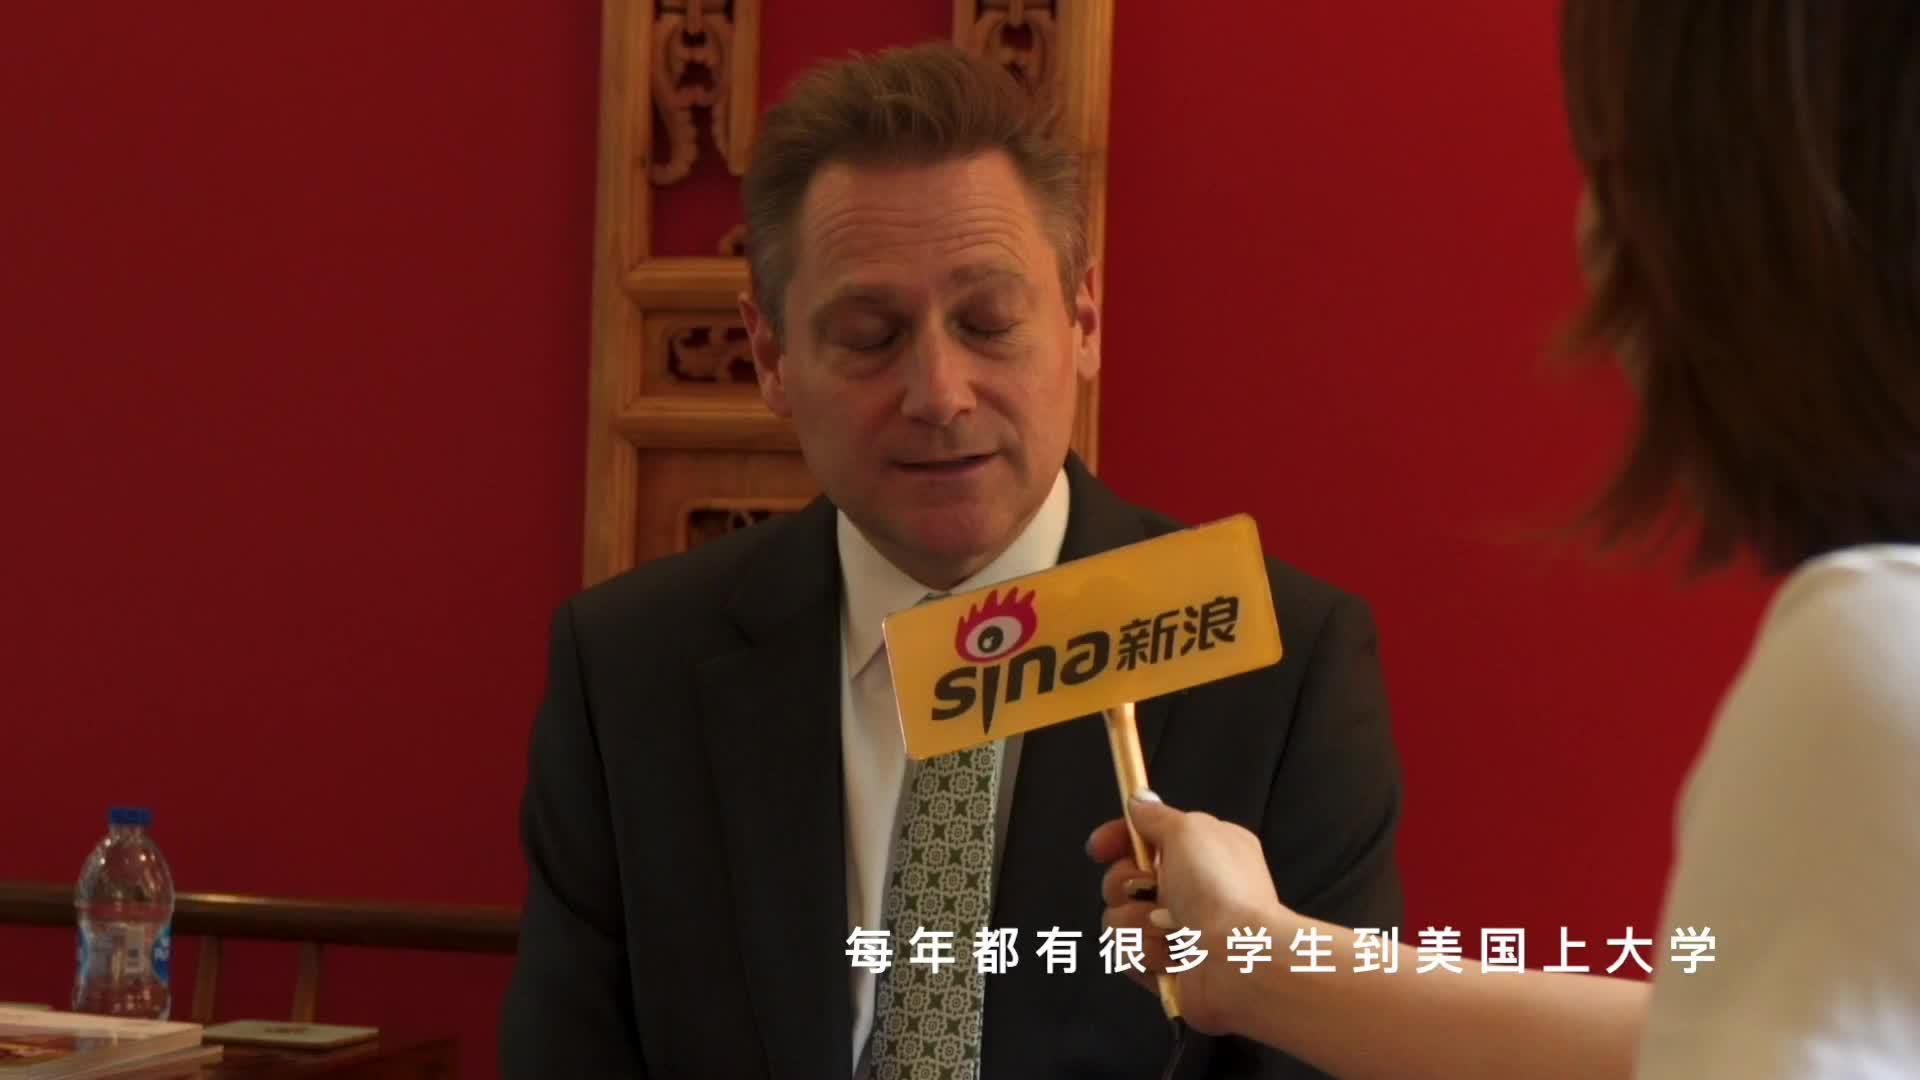 视频-天津惠灵顿校长和飞乐国际高尔夫院长专访